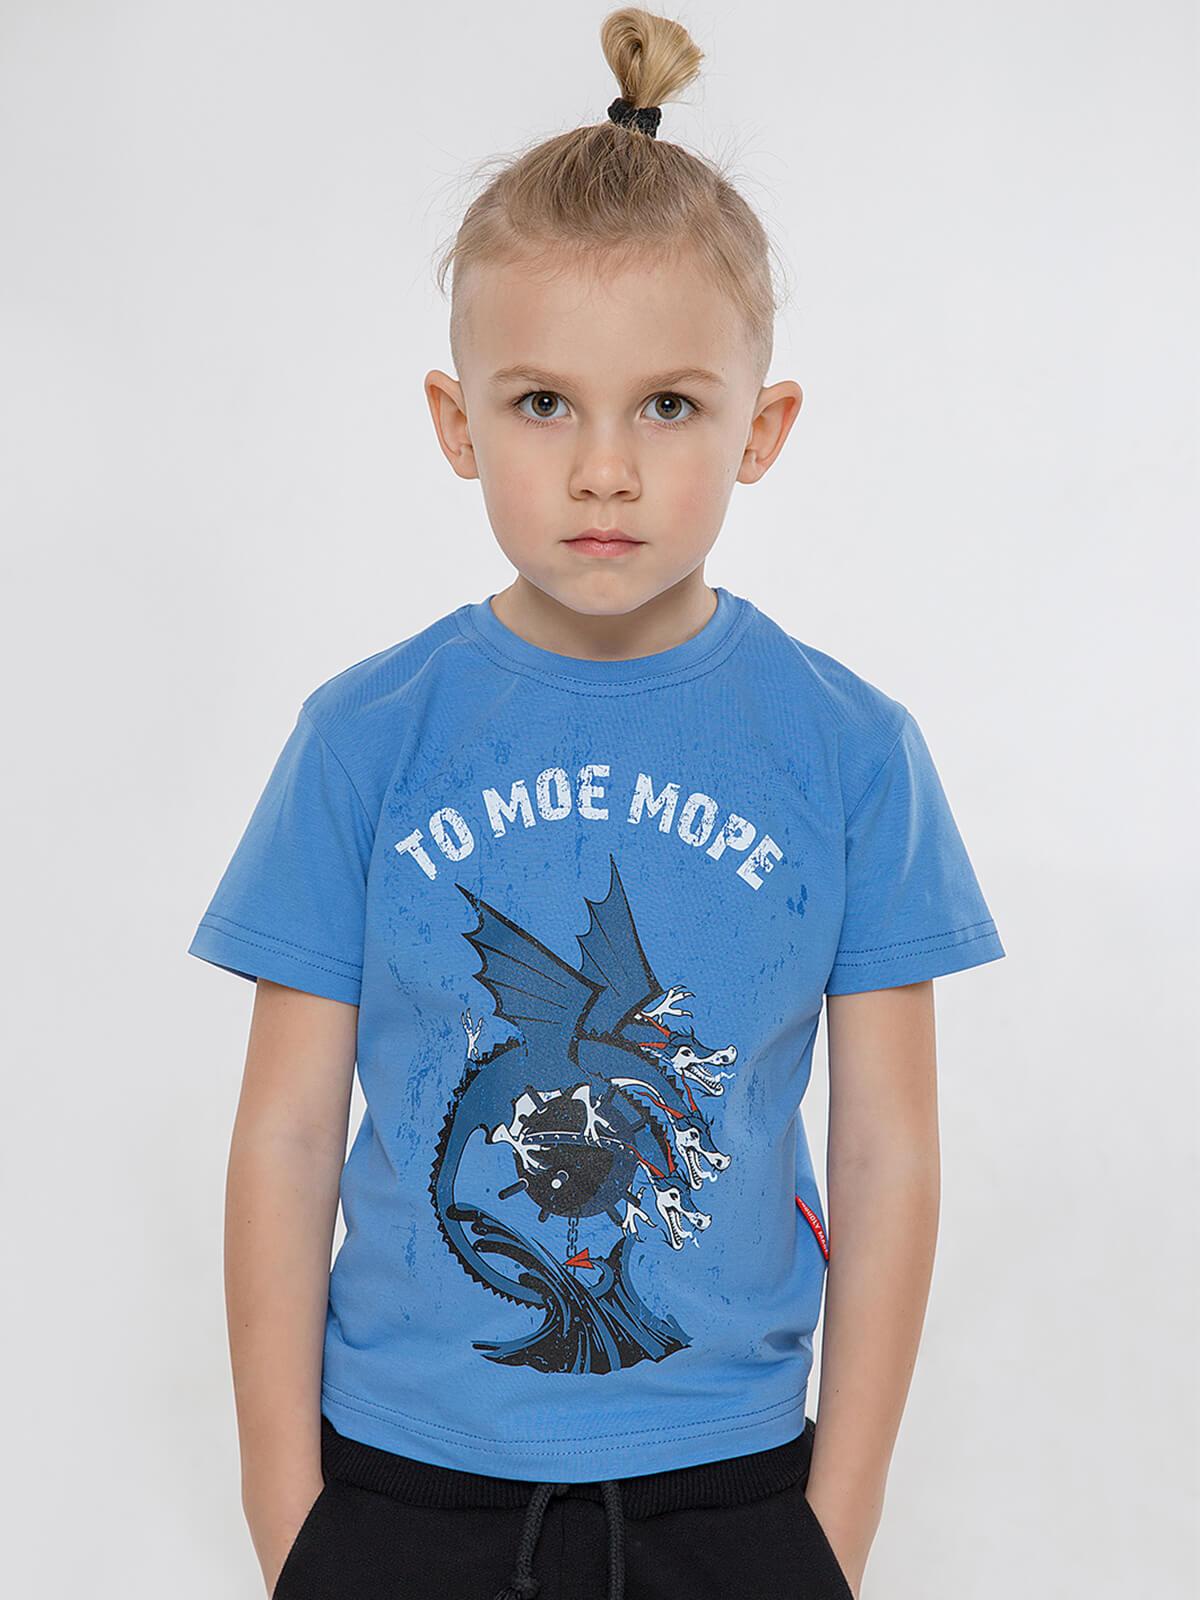 Дитяча Футболка То Моє Море. Колір блакитний. Футболка: унісекс, добре пасує і хлопчикам, і дівчаткам  Матеріал: 95% бавовна, 5% спандекс.